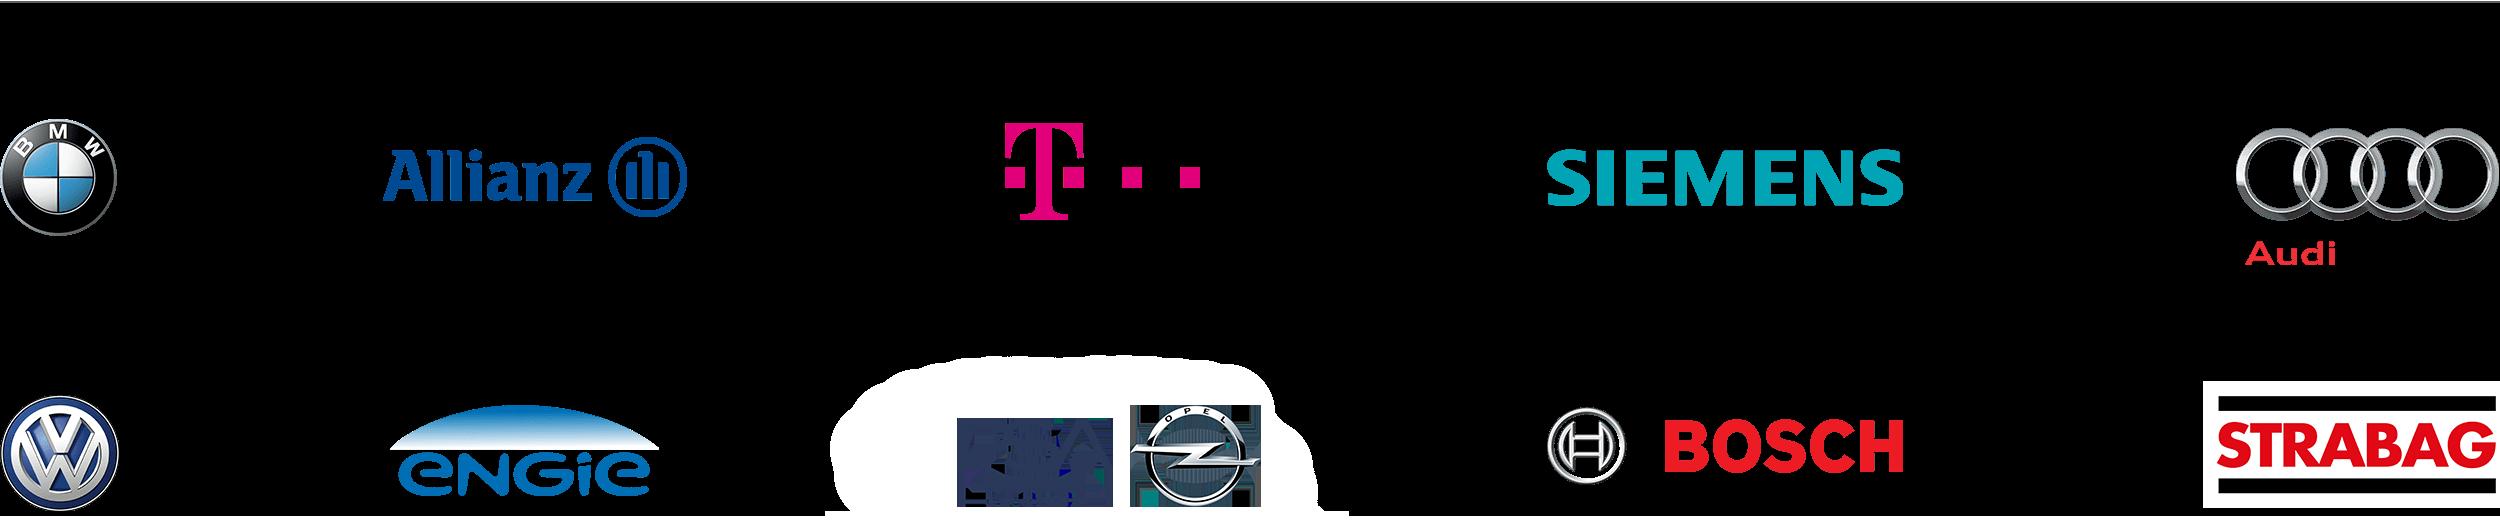 logos_top_companies